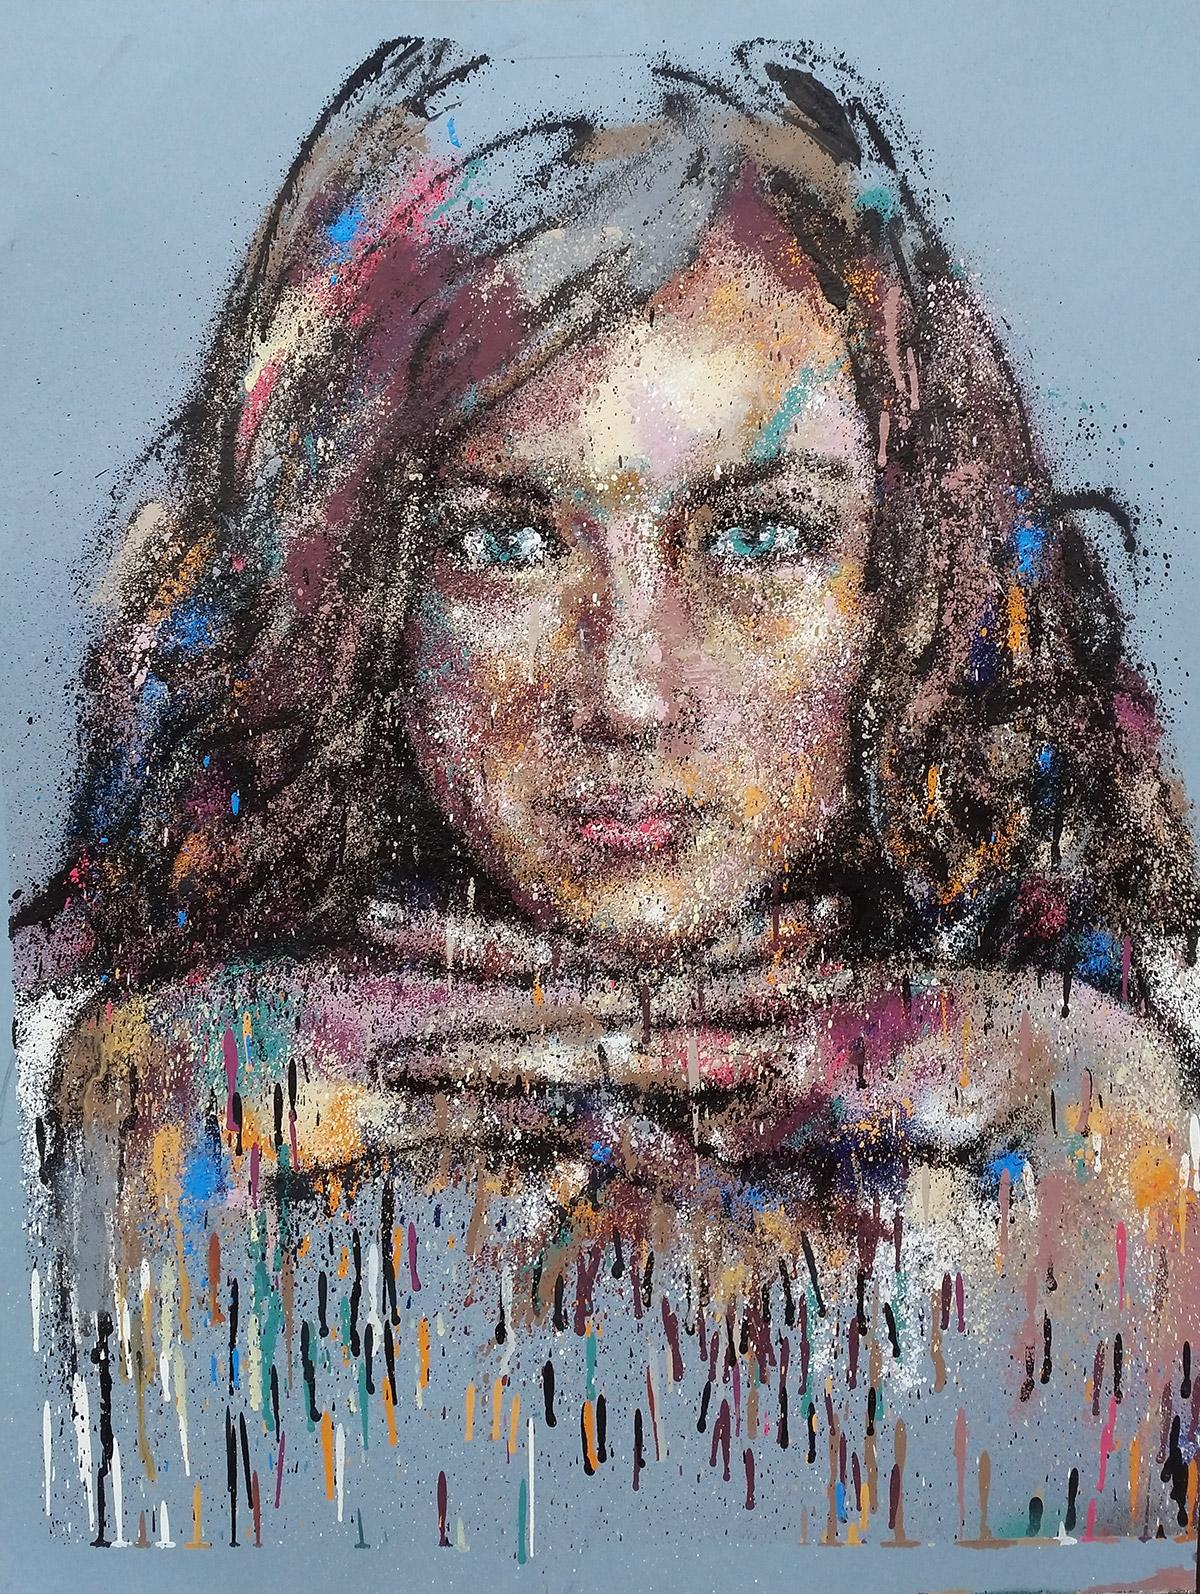 Peinture de femme contemporaine à la bombe de graffiti sur feuille par Enkage